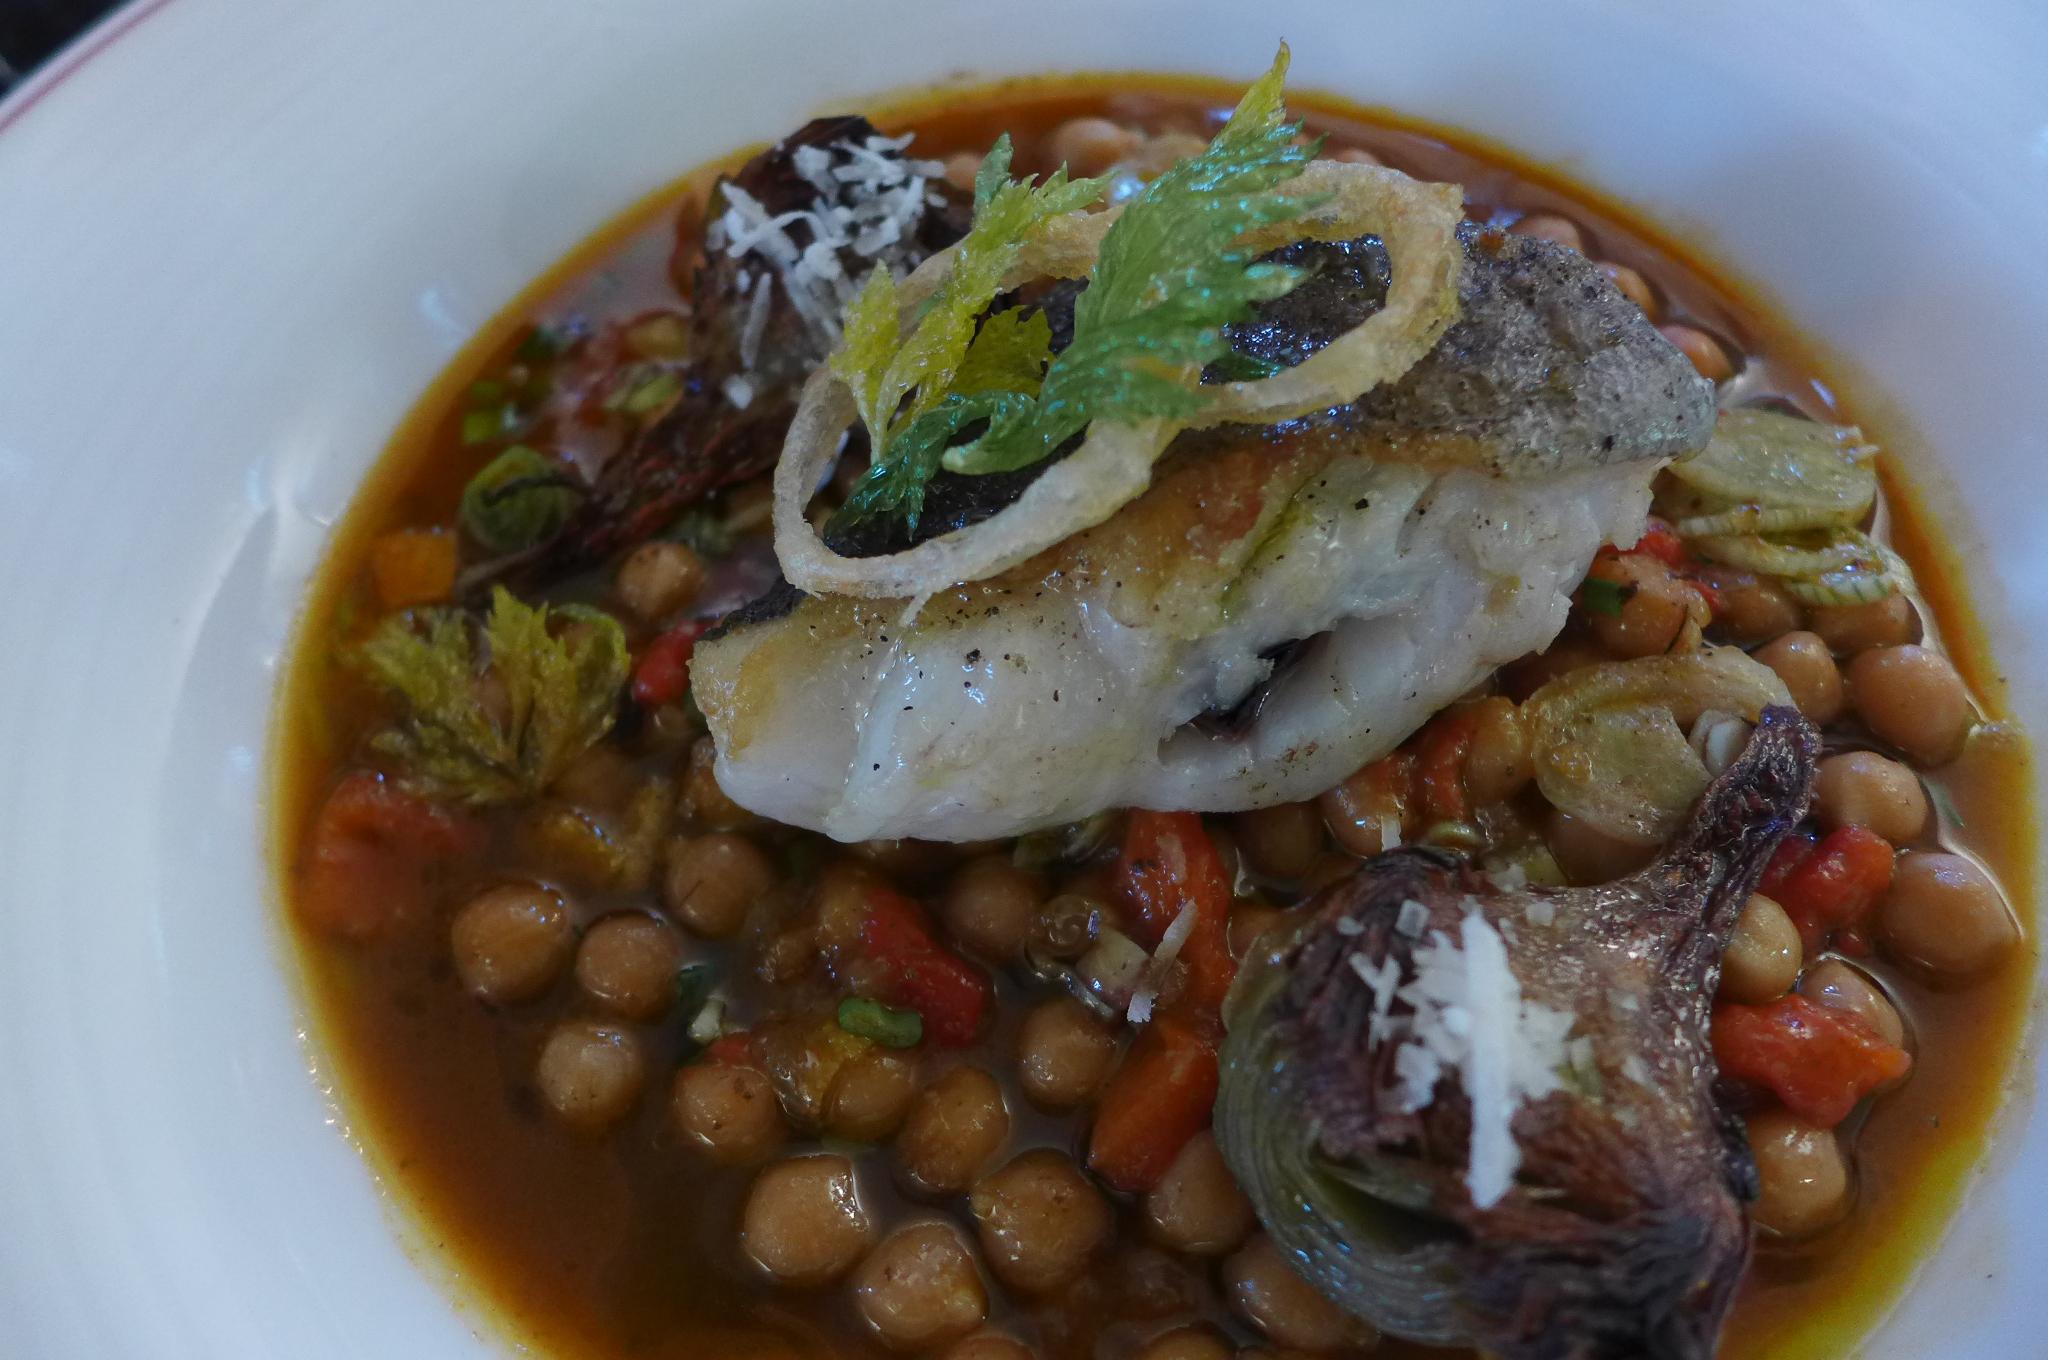 Rebecca et bruno sohn le blog de gilles pudlowski les pieds dans le plat - La cuisine de bruno ...